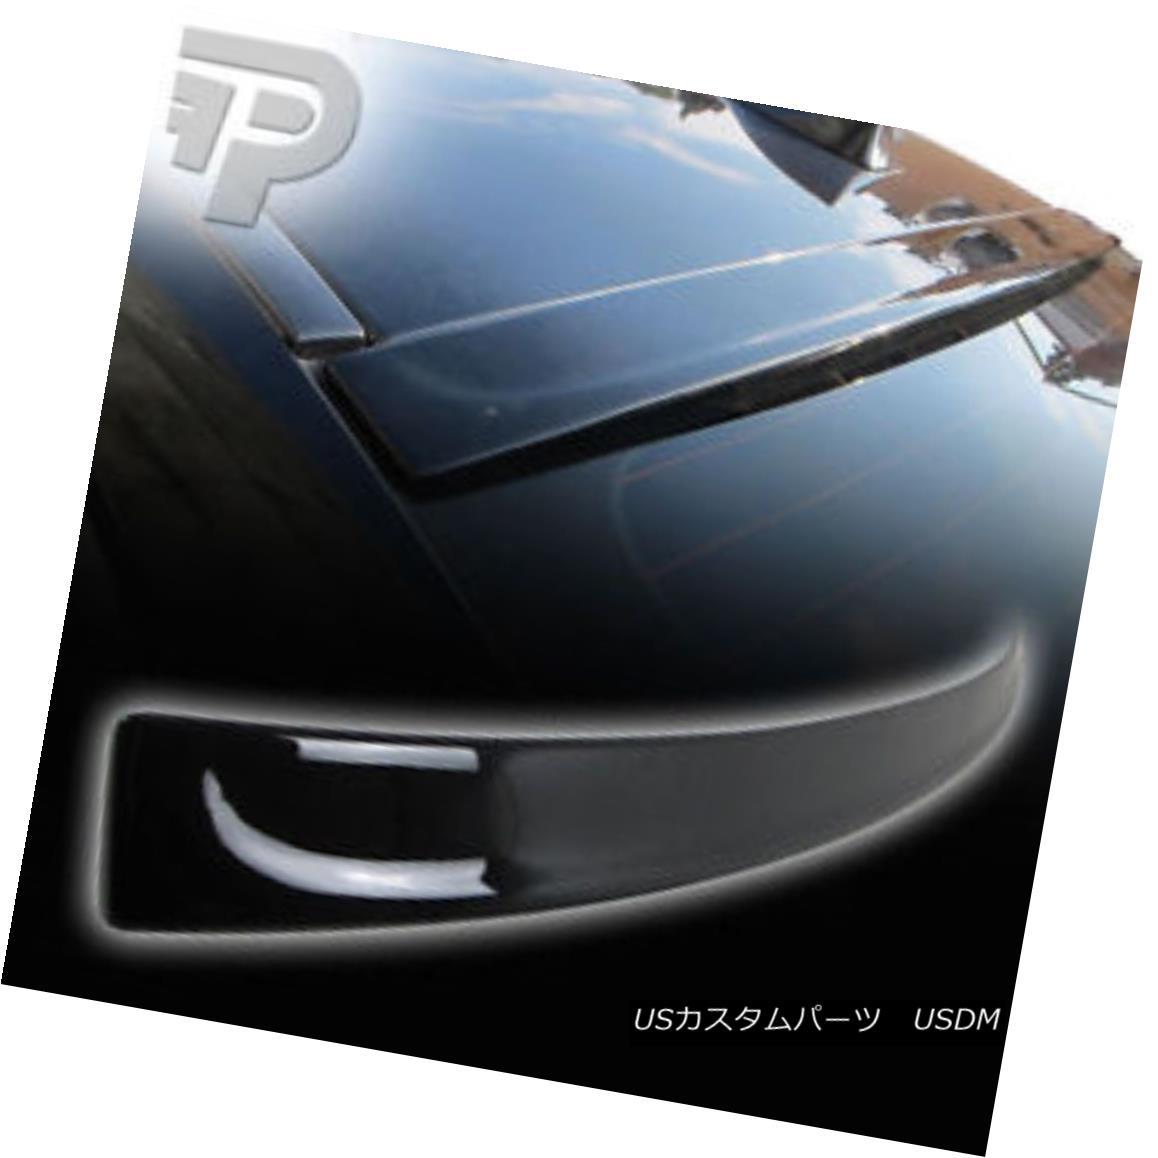 エアロパーツ PAINTED #354 Silver BMW 5-Series F10 3D TYPE WINDOW REAR ROOF SPOILER ペイント#354シルバーBMW 5シリーズF10 3Dタイプウインドウリアルーフスポイラー